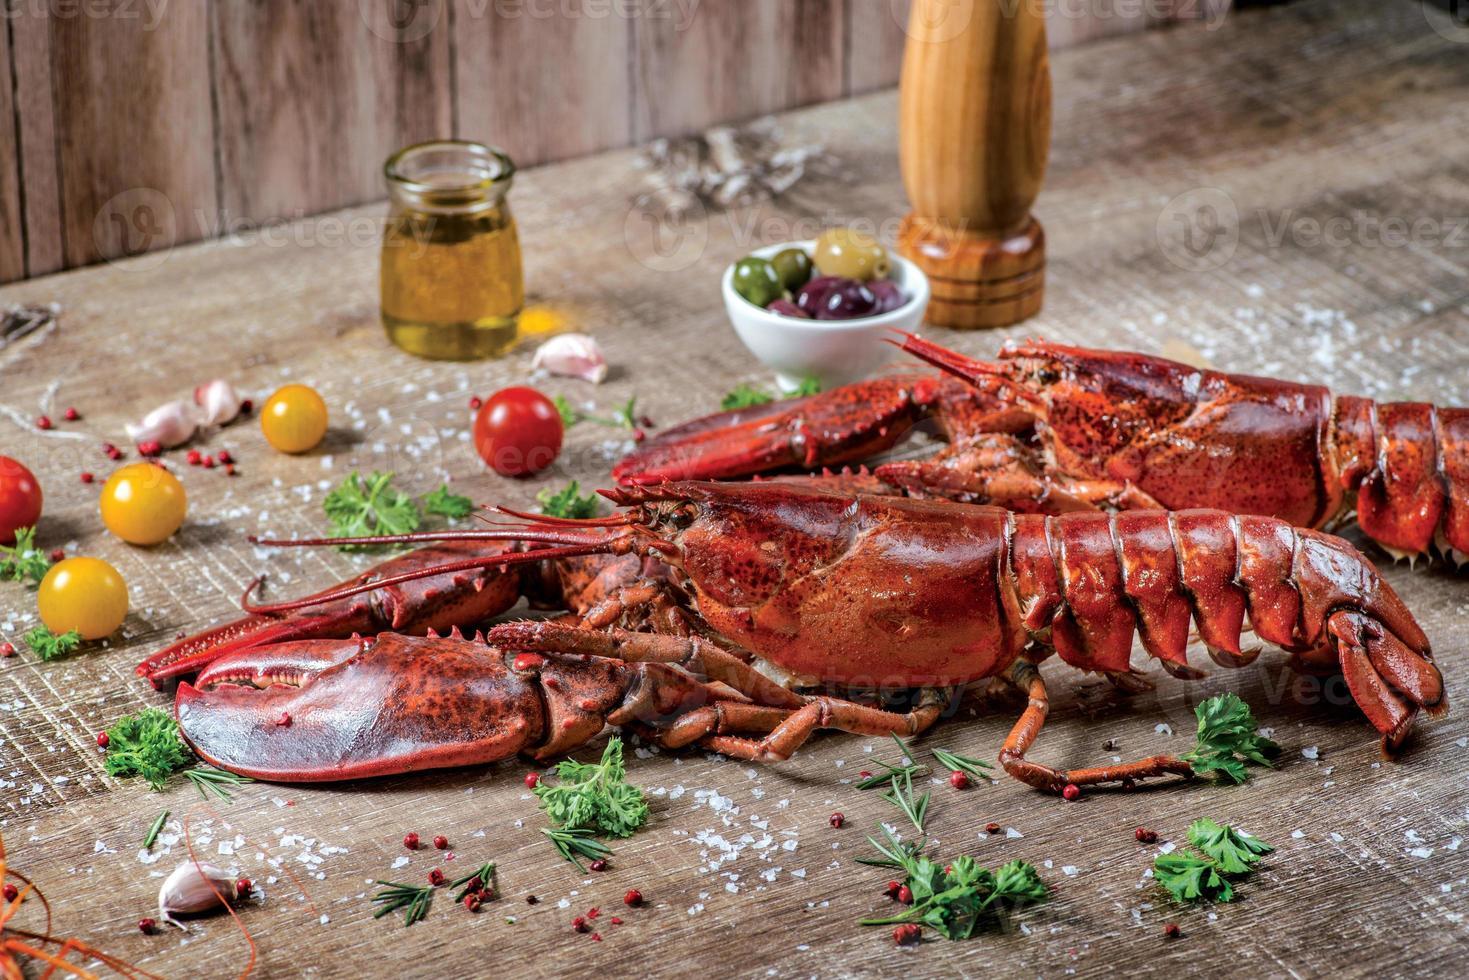 Hummer mit Meeresfrüchten. frische schöne große Seehummer. köstlich foto